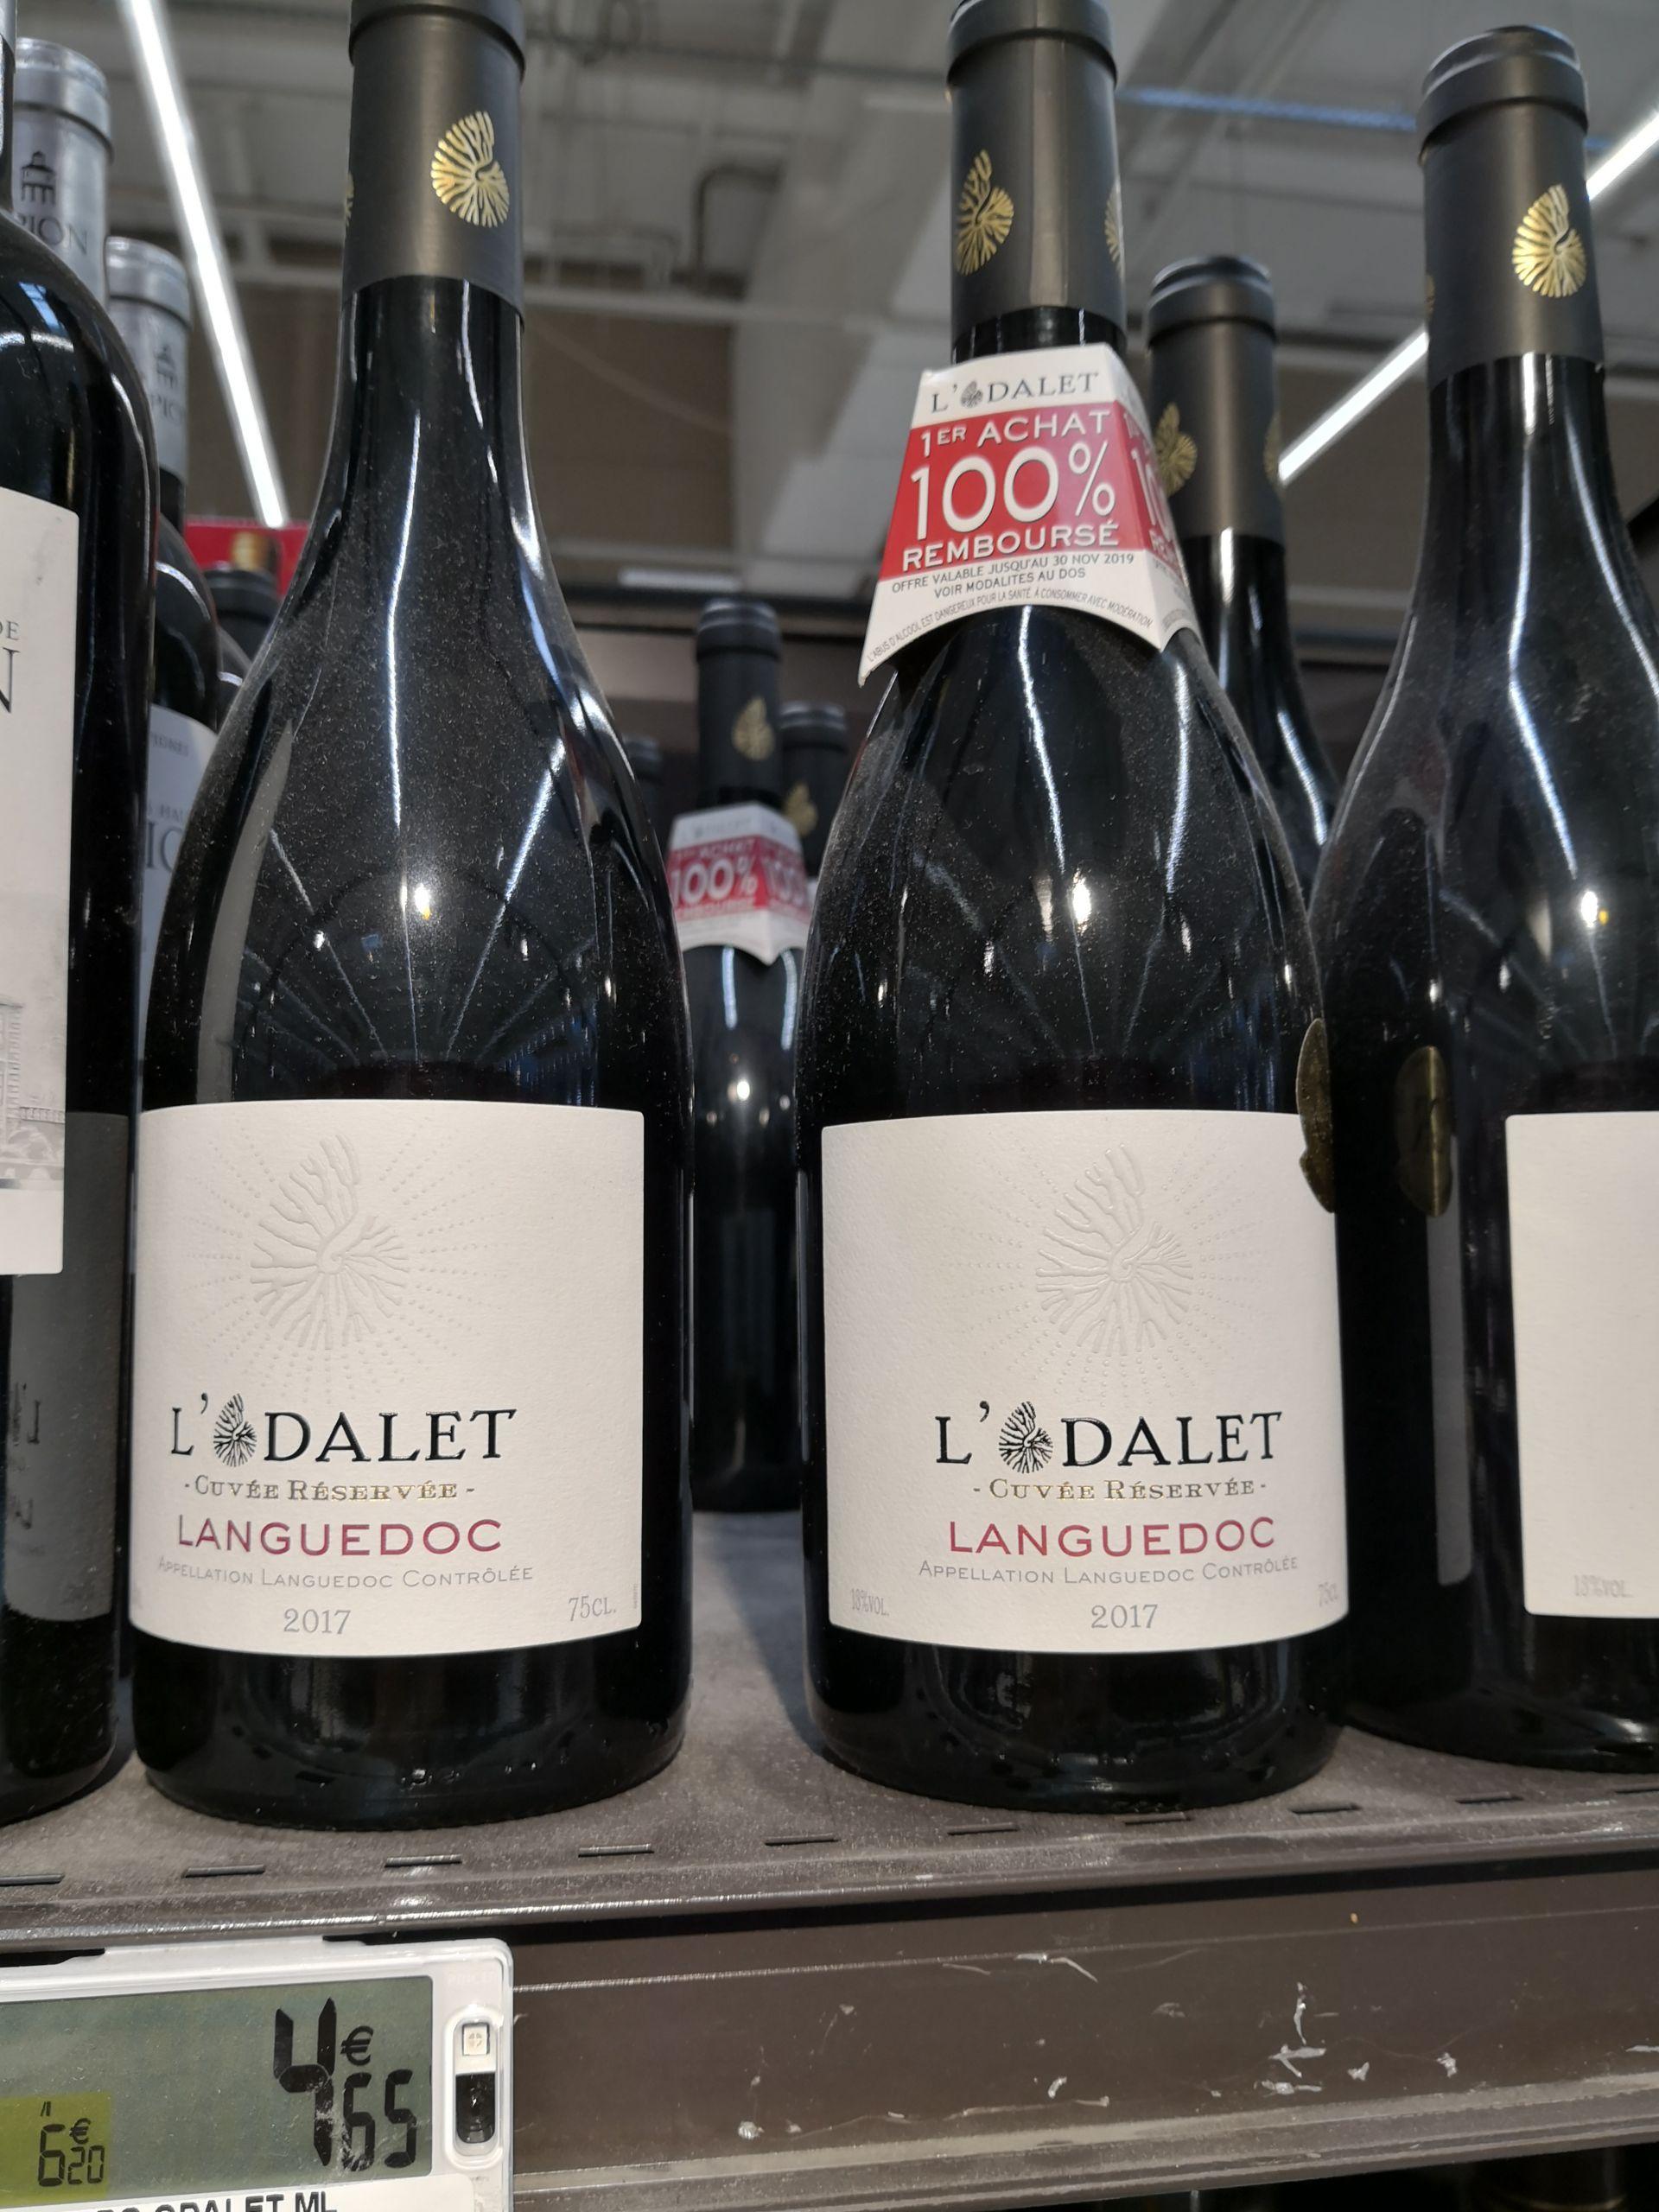 Bouteille de vin du Langueloc L'Odalet cuvée 2017 Gratuite (via ODR) - Athis-Mons (91)